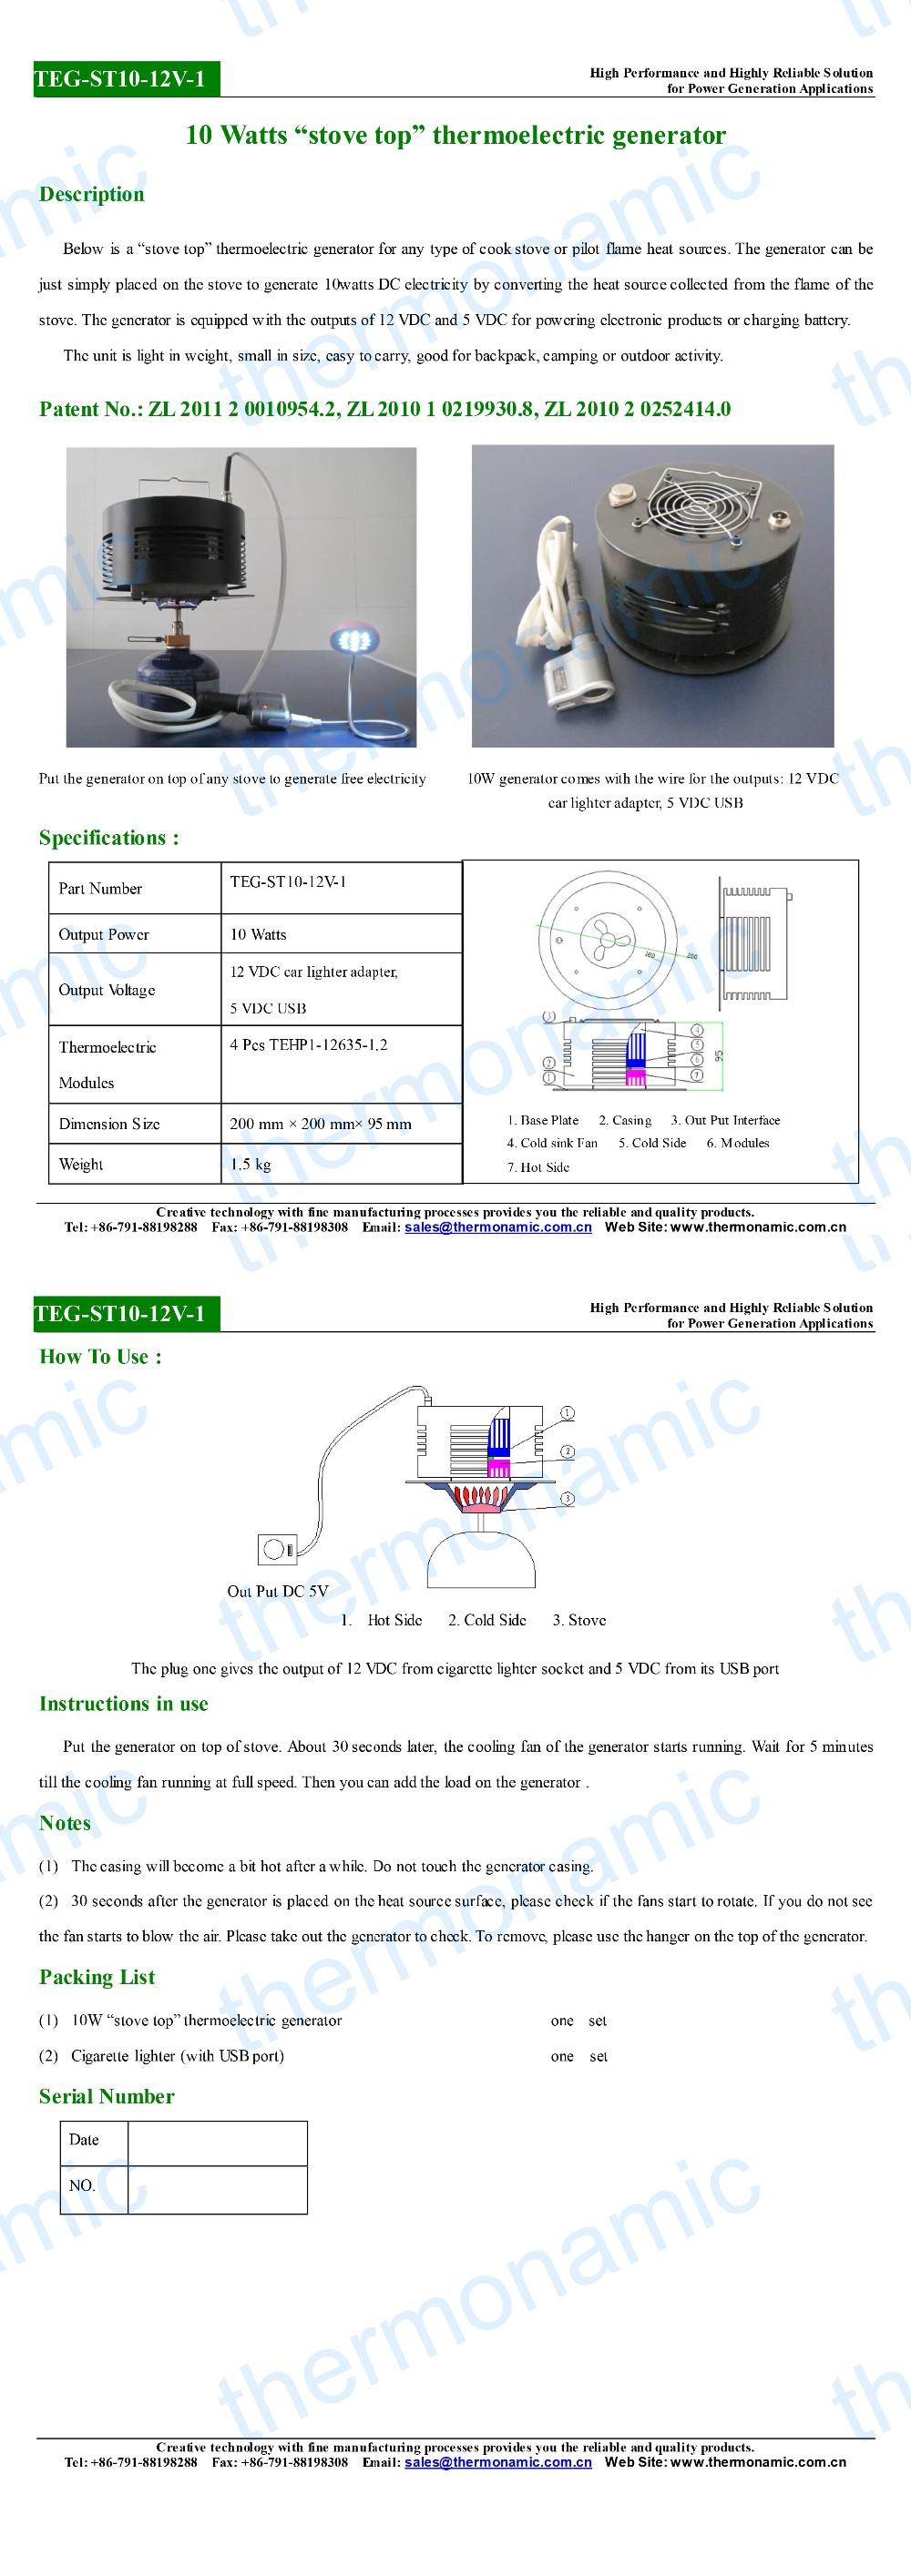 Термоэлектрический генератор: устройство, принцип работы и применение